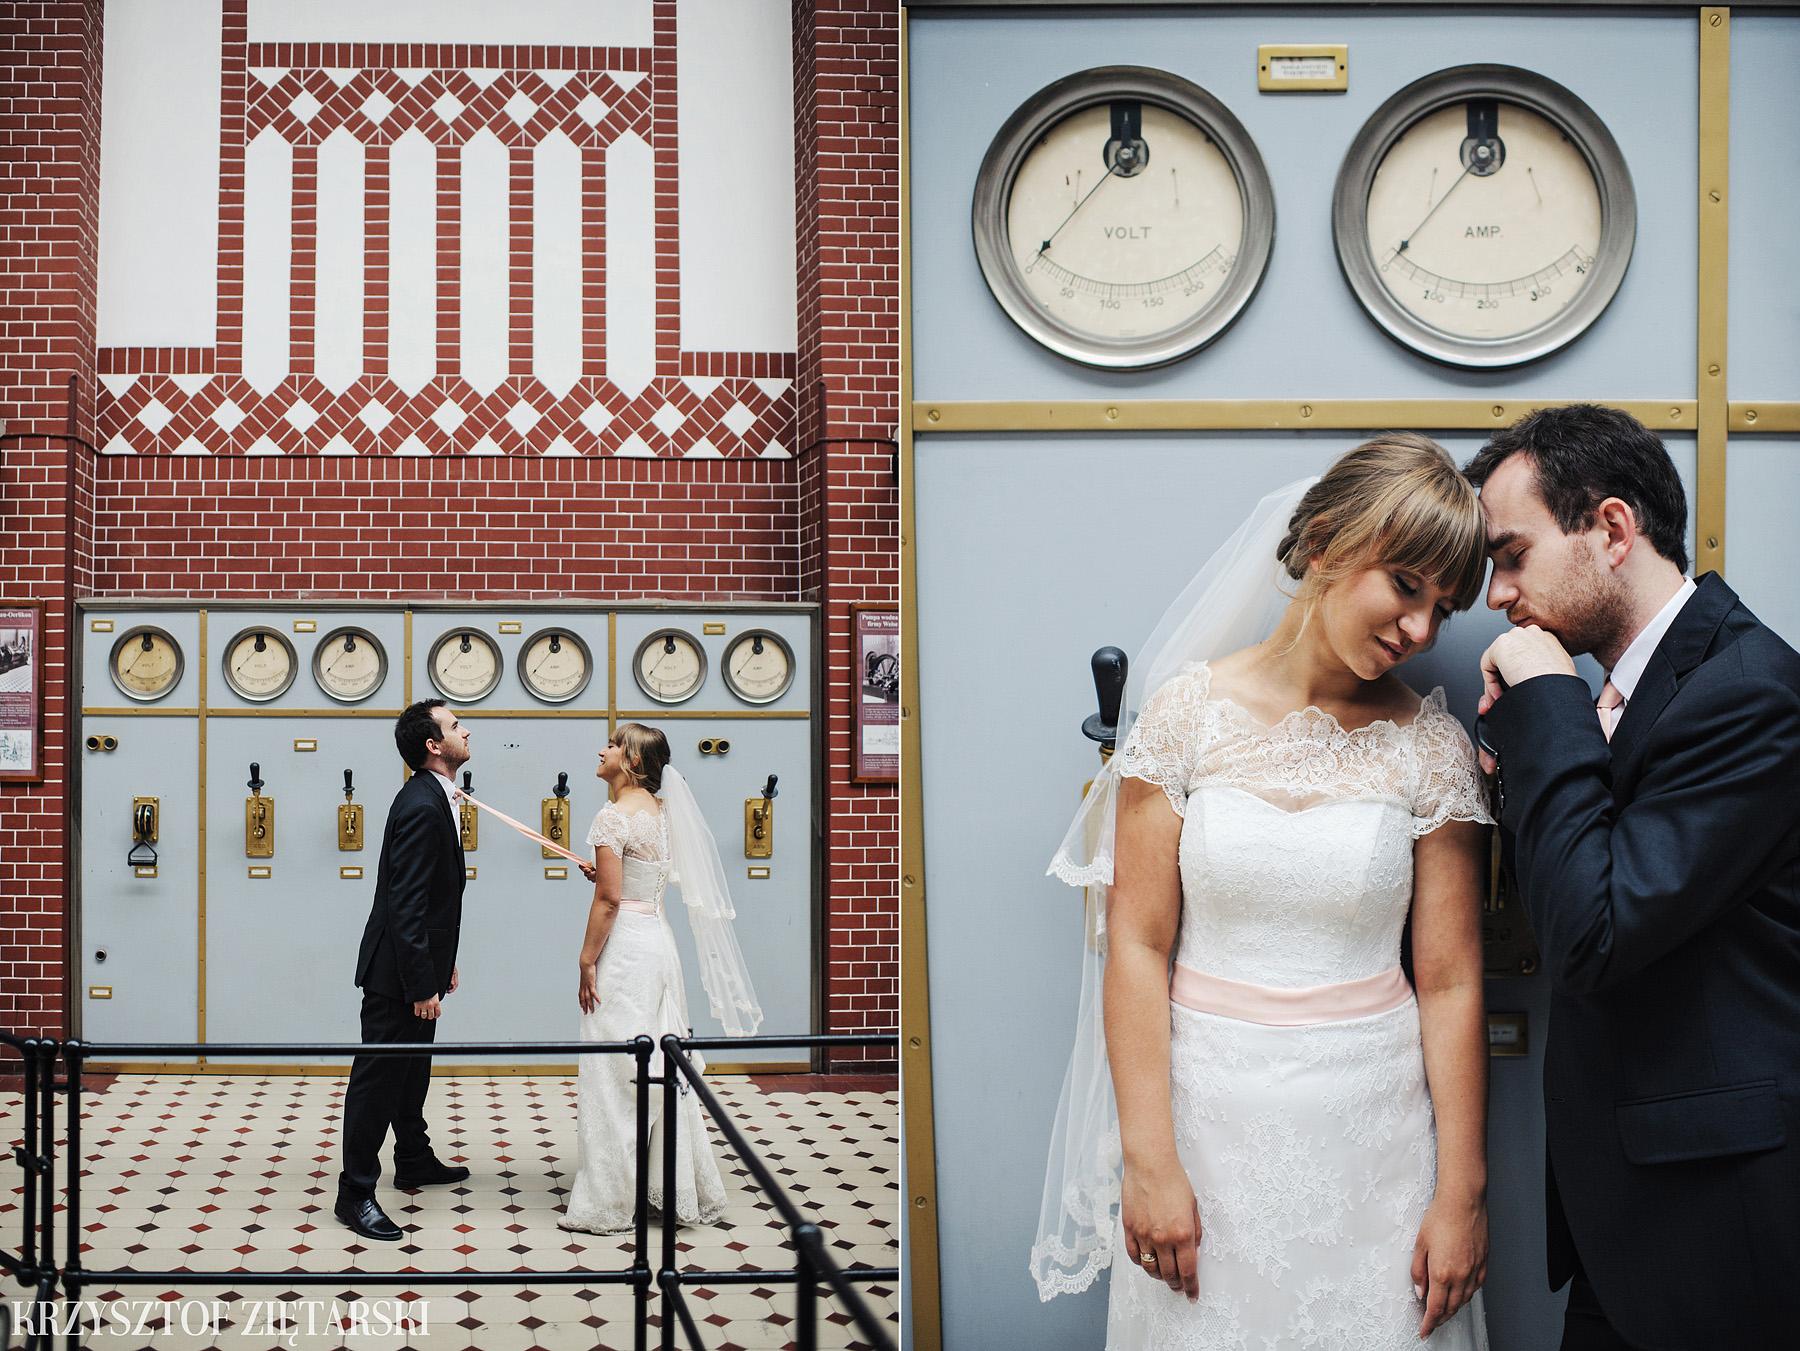 Justyna i Konrad - Fotografia ślubna Gdańsk, Kościół św.Ignacego Stare Szkoty, Restauracja Tabun Otomin - 90.